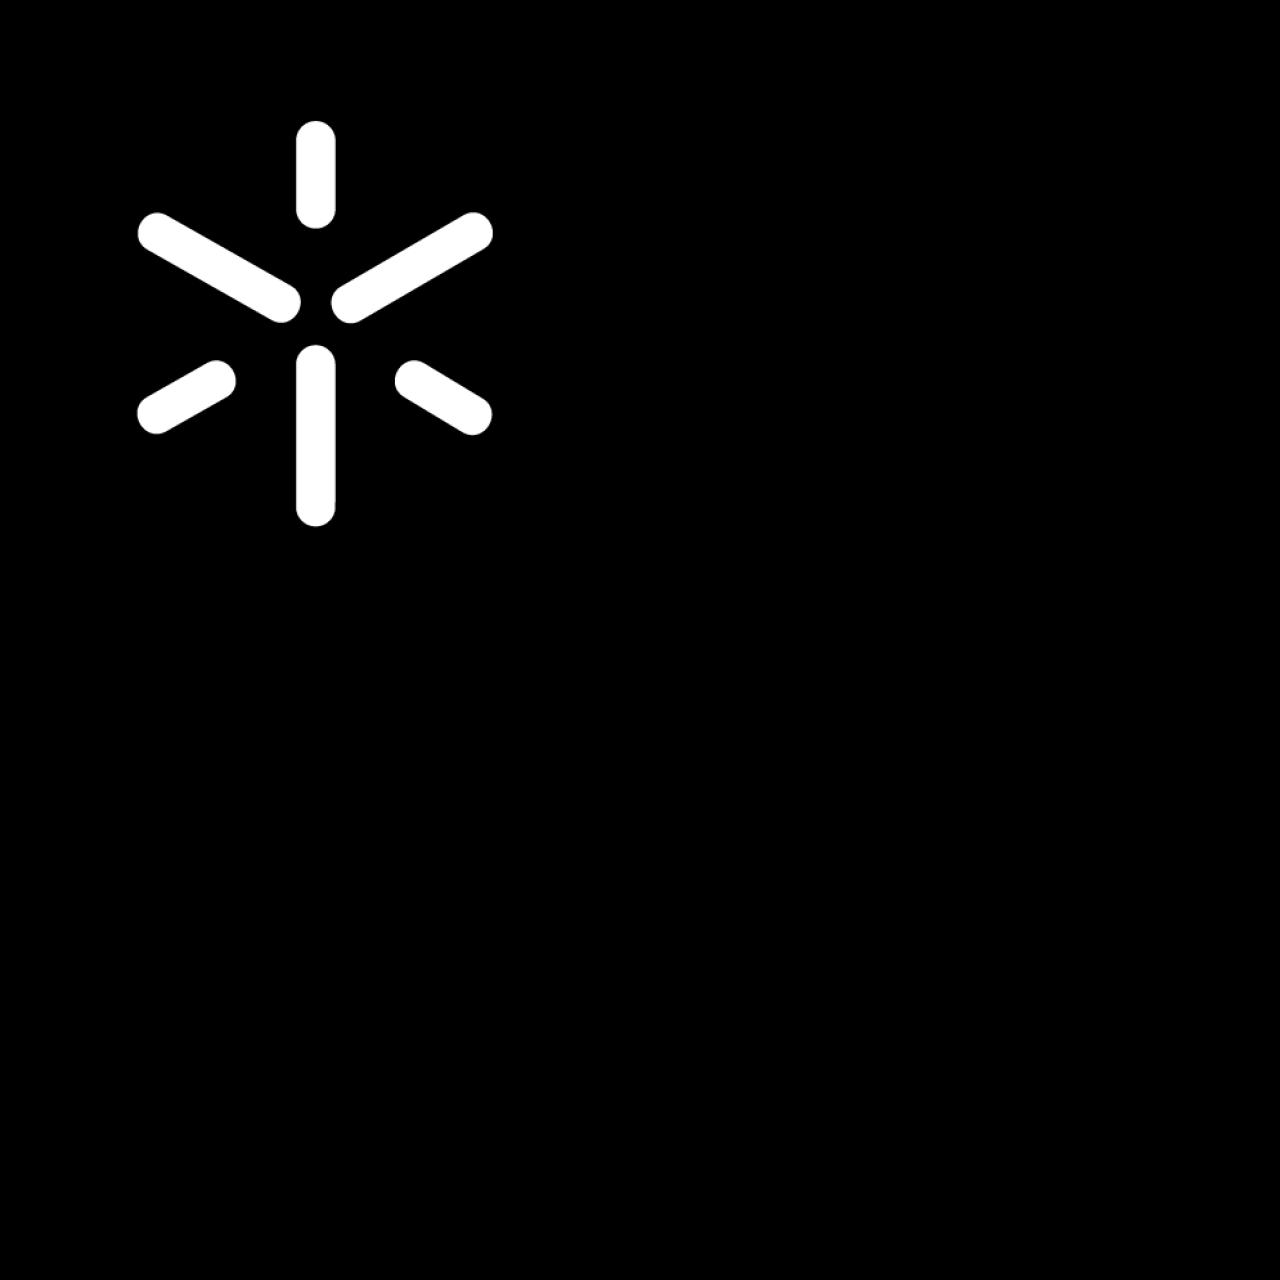 logo for Universidade do Minho